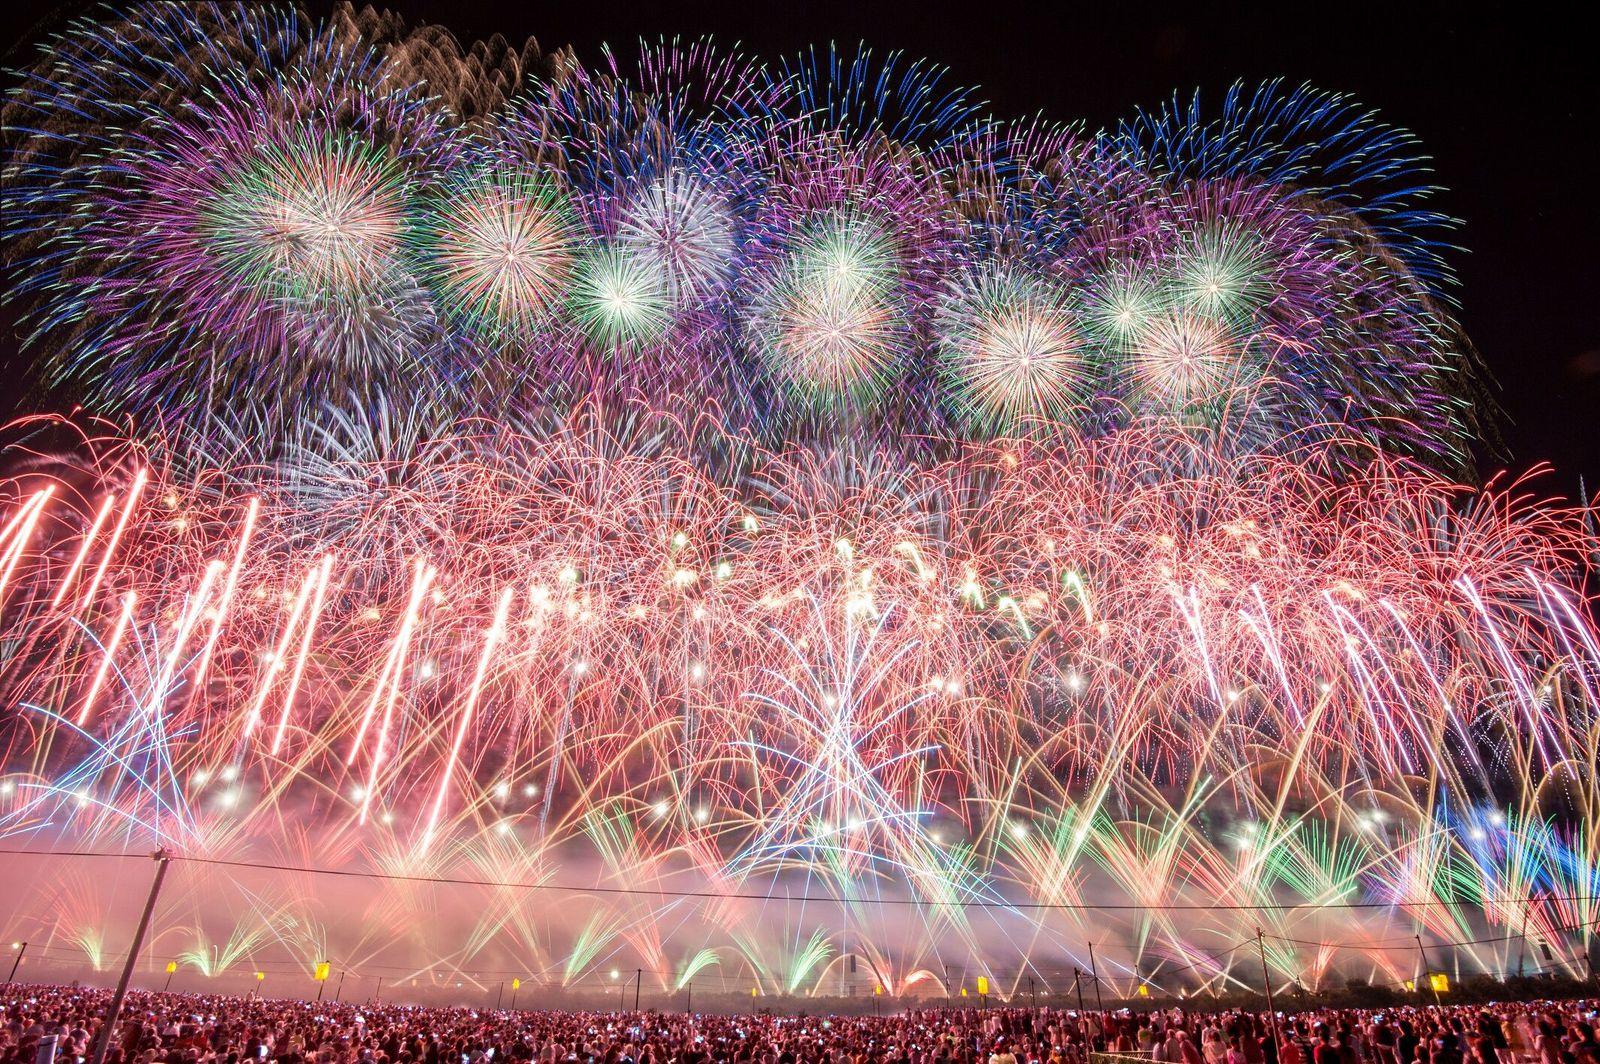 祭に花火にワクワクが止まらない!東北の夏夜を楽しめるイベント9選